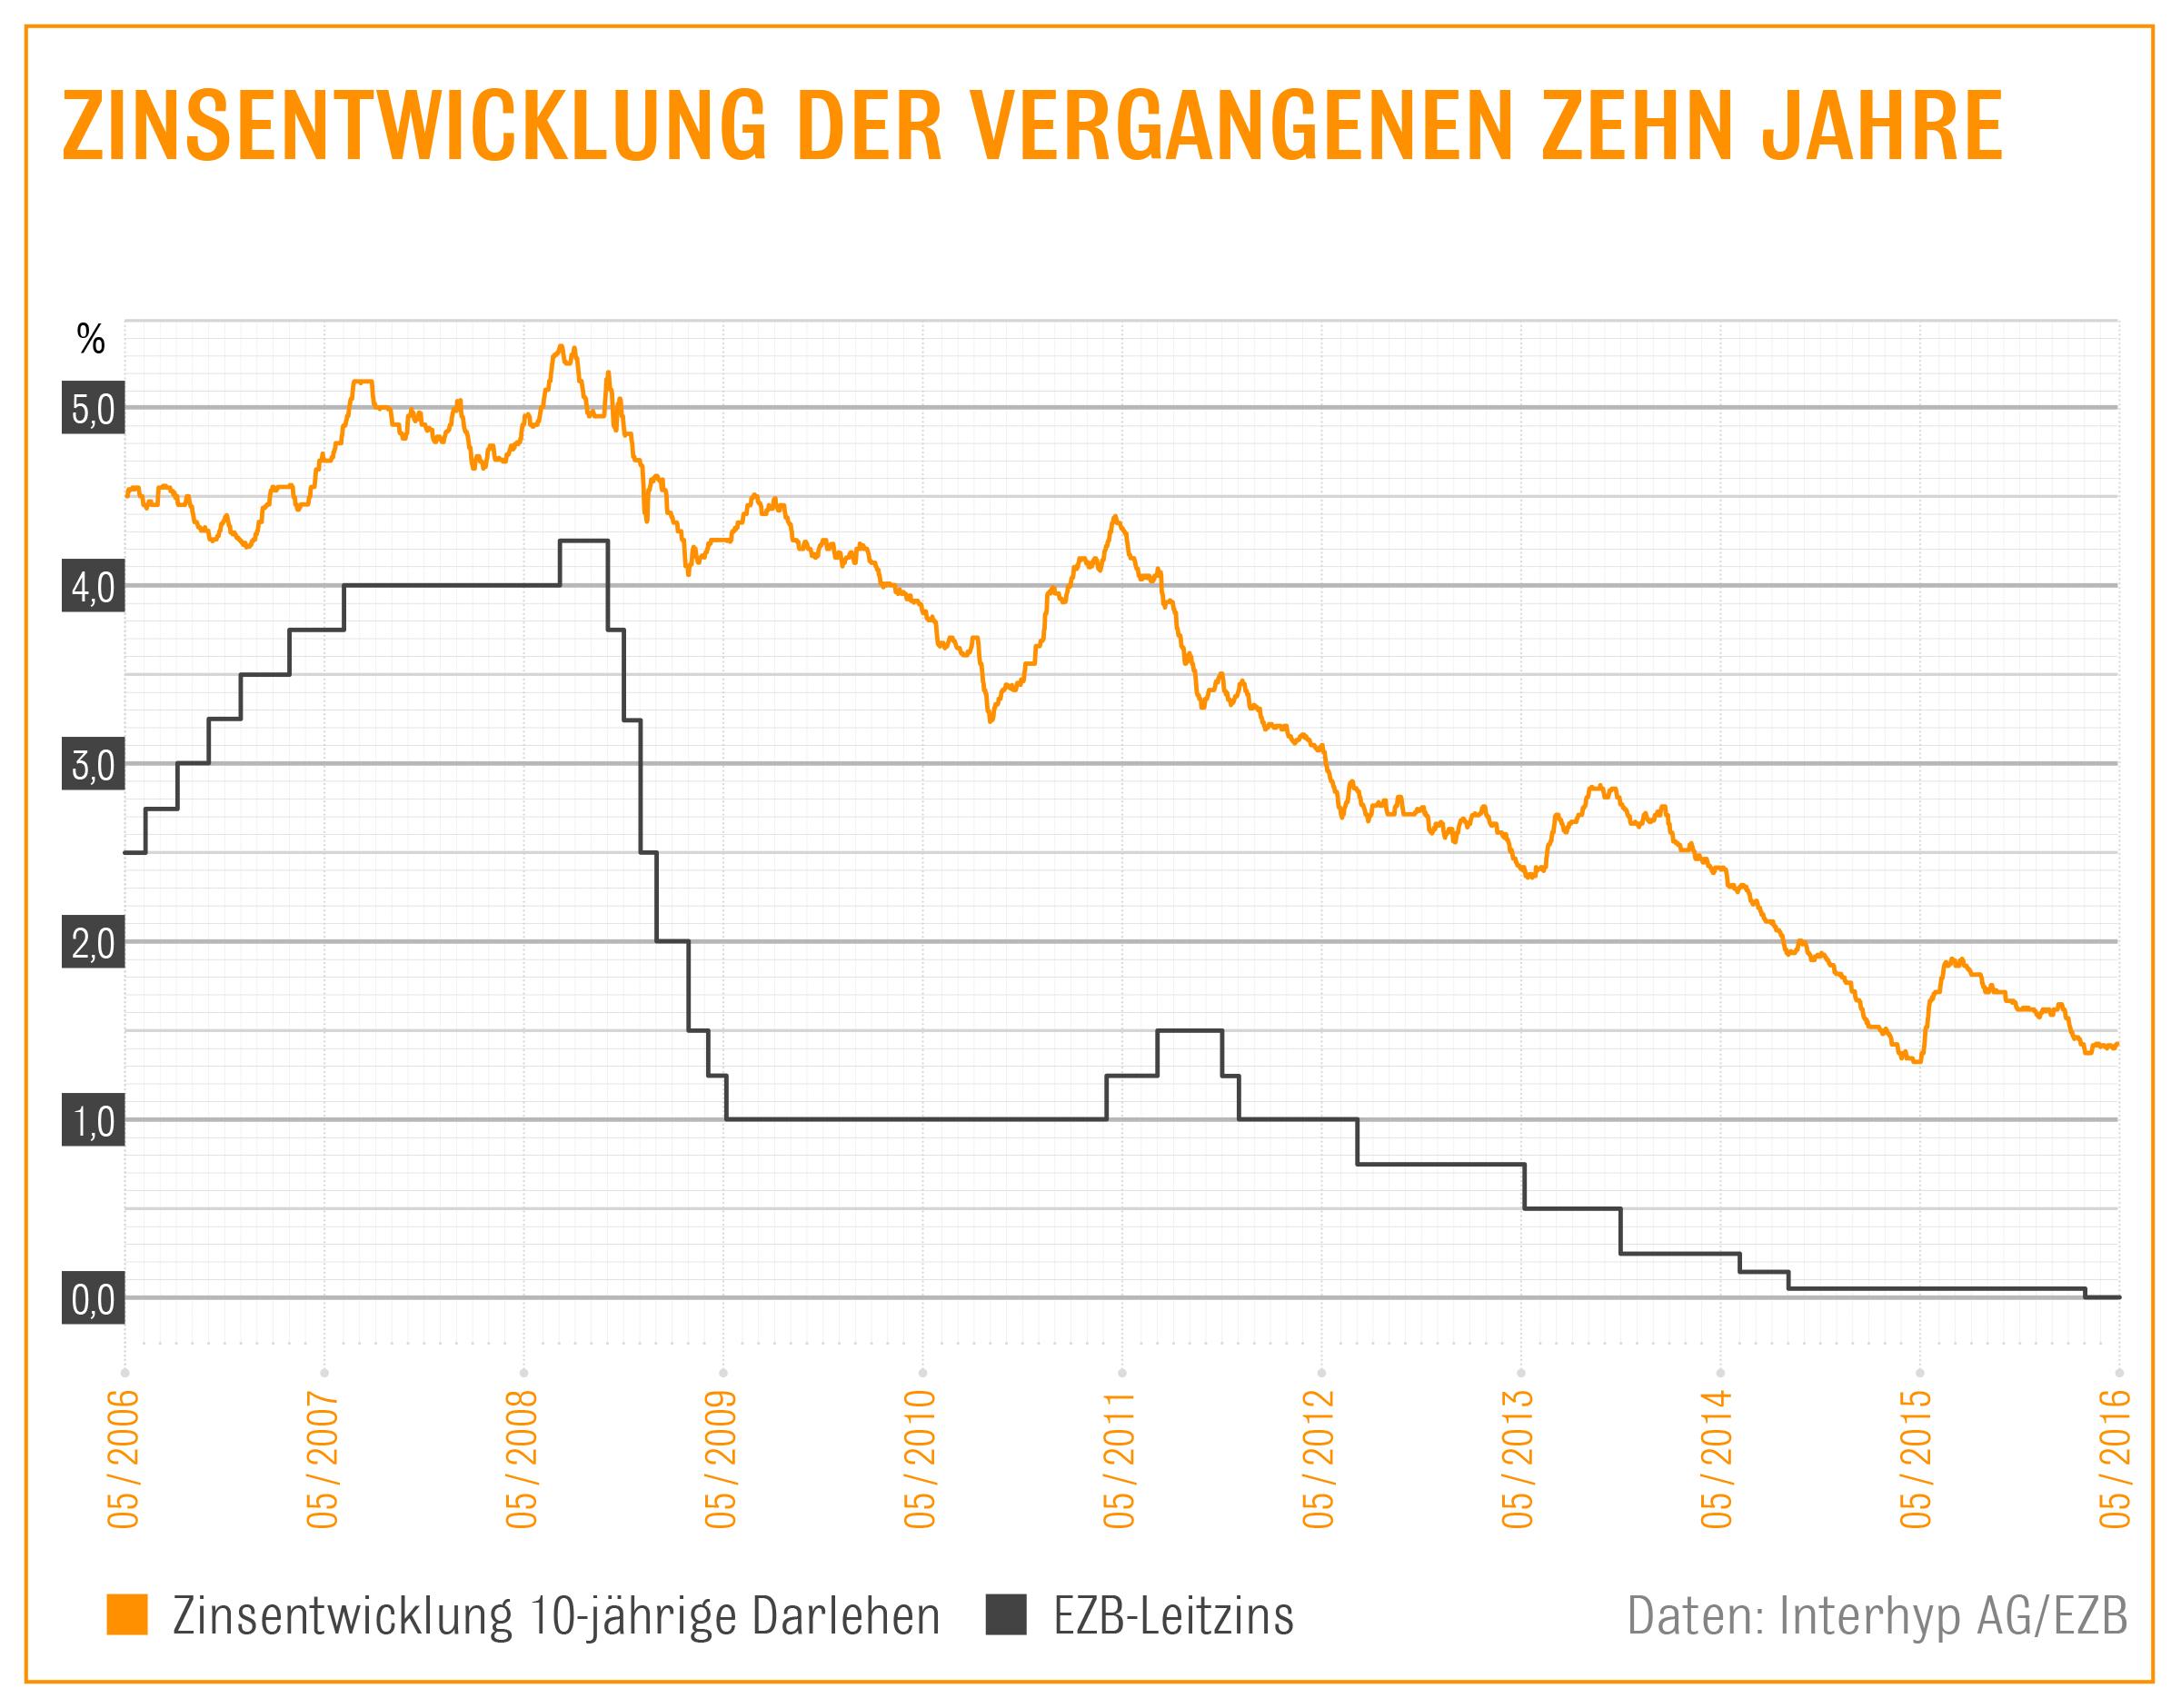 Zinsentwicklung 05 16 2 in Konditionen für Immobilienkredite: Mittelfristige Seitwärtsbewegung